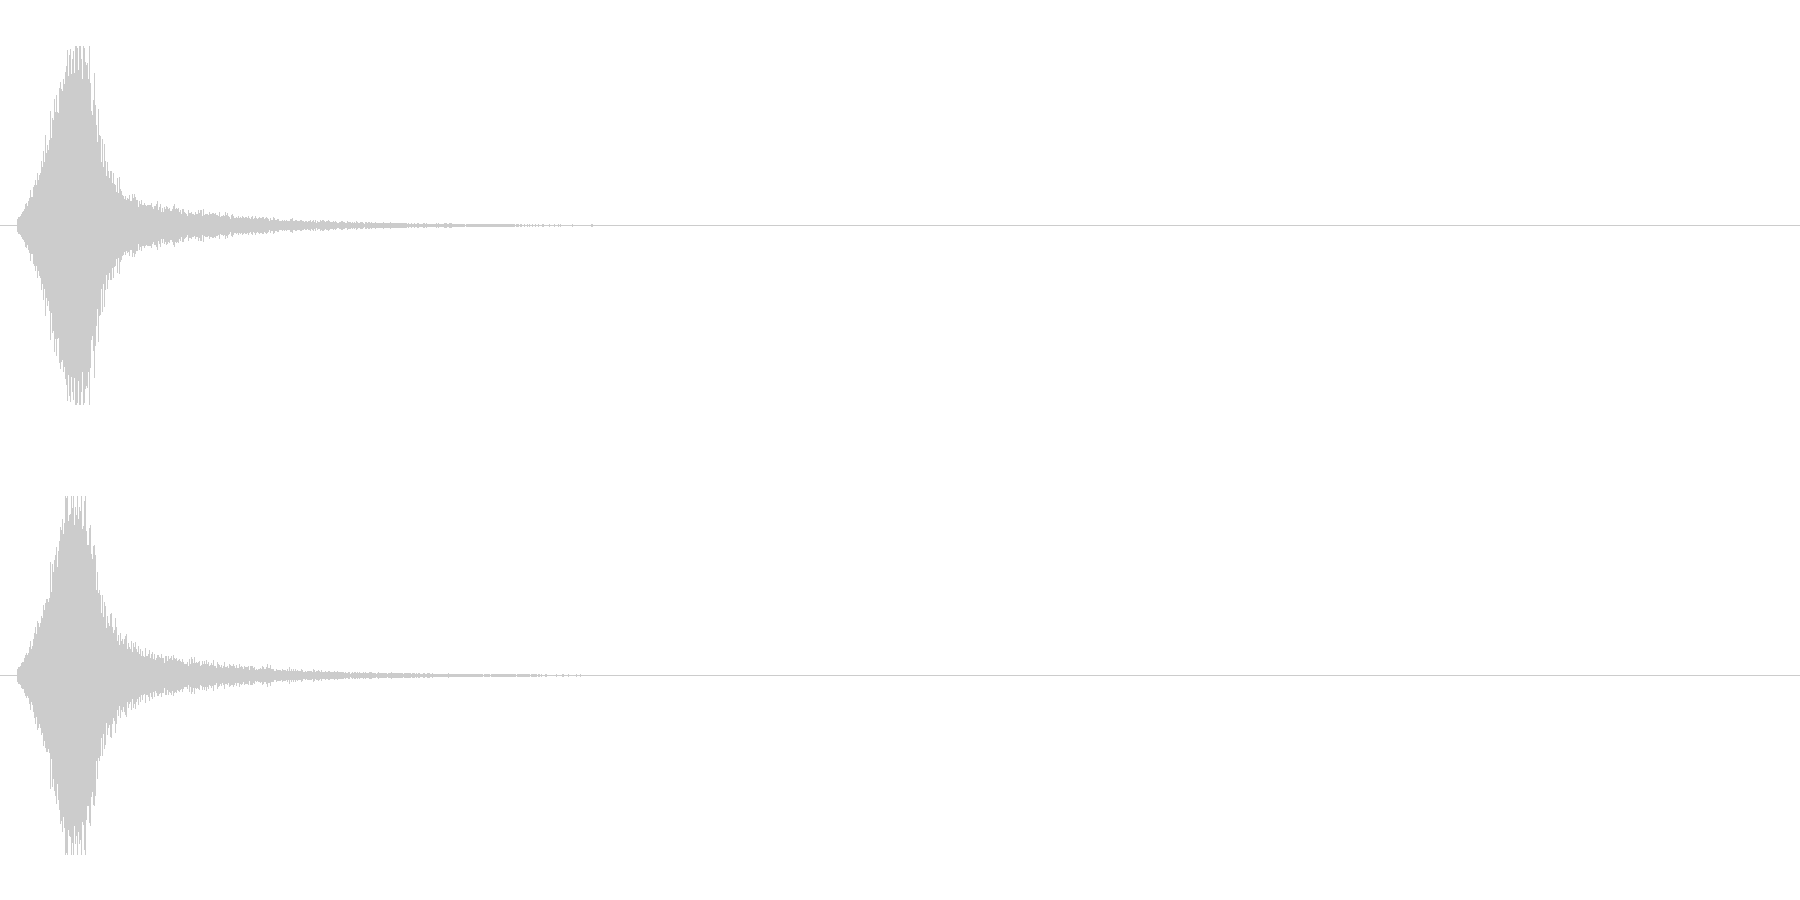 レーザー音-157-1の未再生の波形